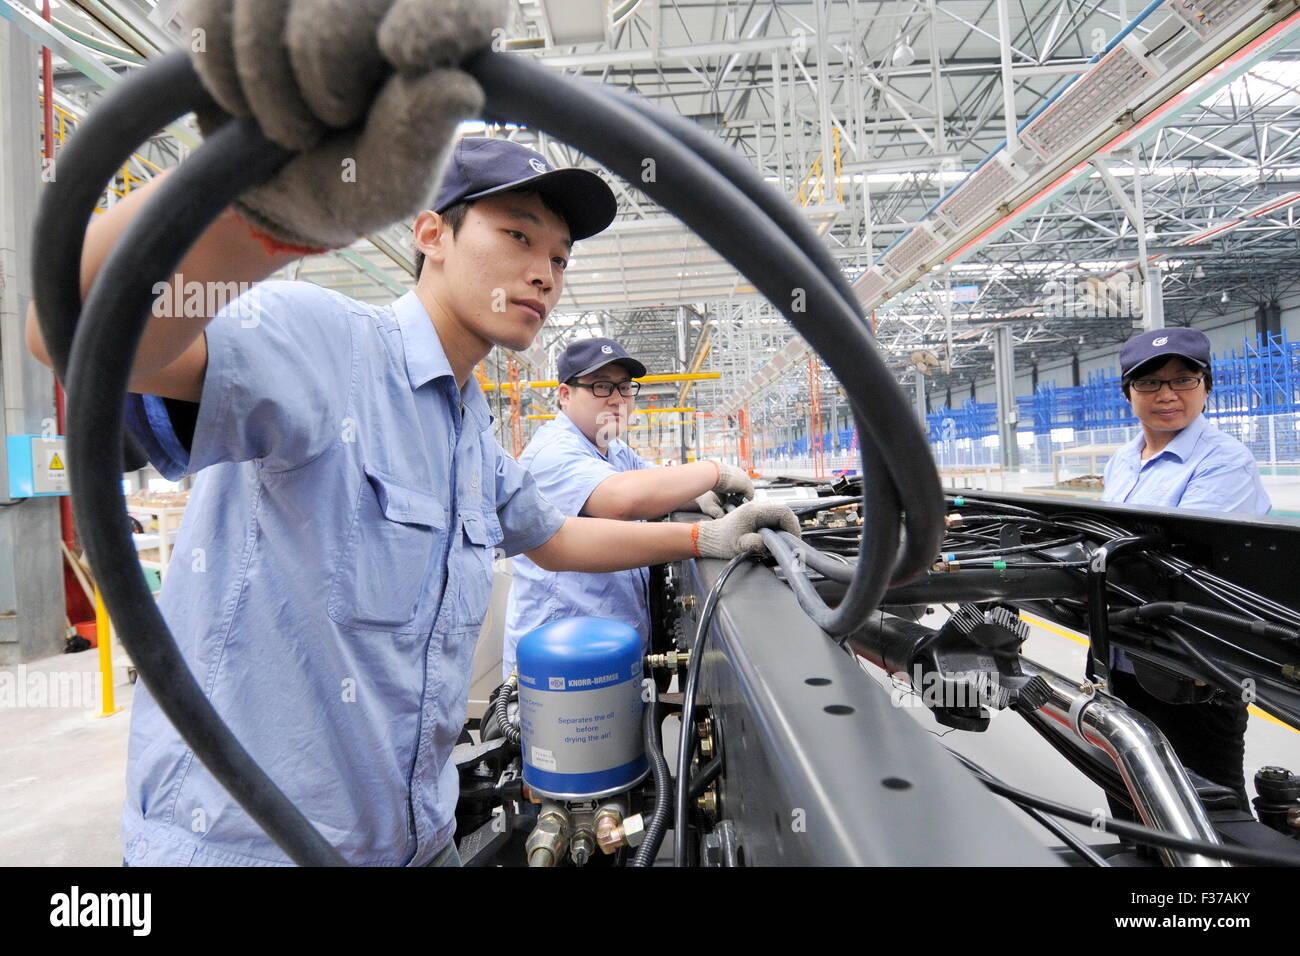 (151001) -- XINGTAI, 1er octobre 2015 (Xinhua) -- le travail des travailleurs sur une chaîne de production Photo Stock